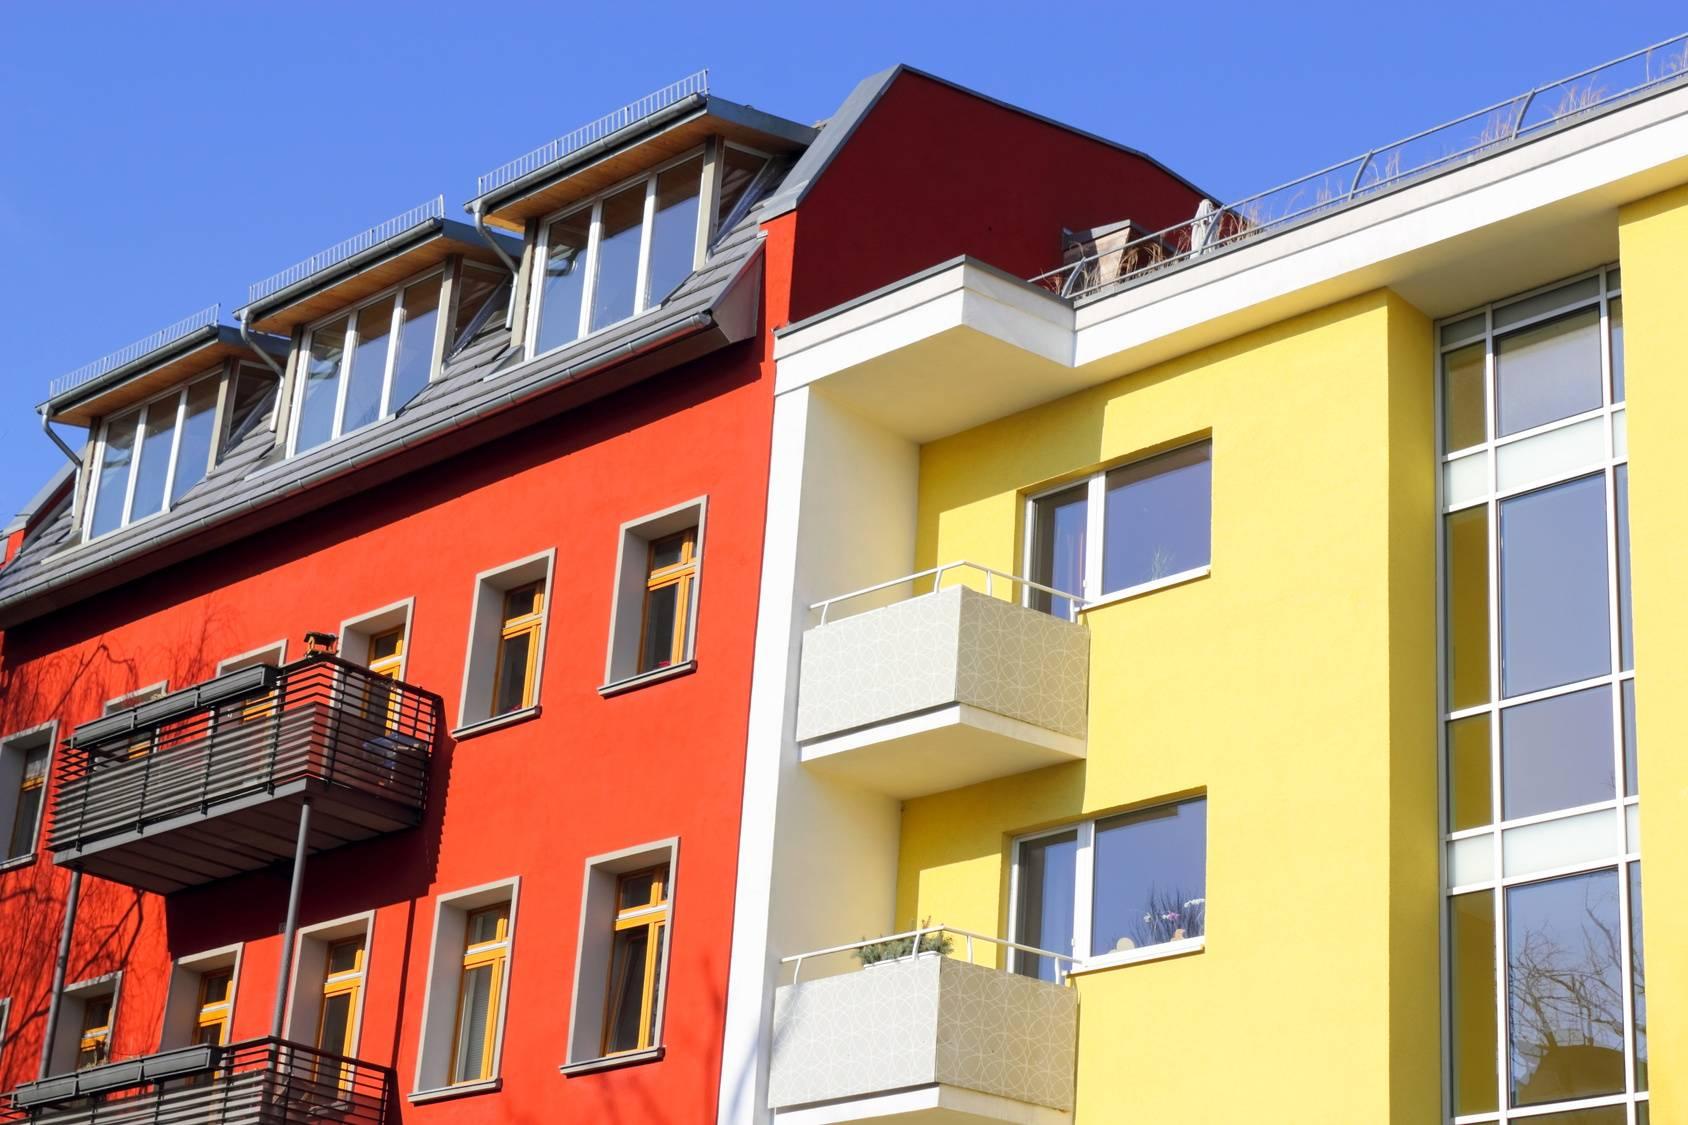 Этнические немцы о переезде в германию: бесплатное жилье, языковые курсы и поиск работы | стиль жизни на weproject